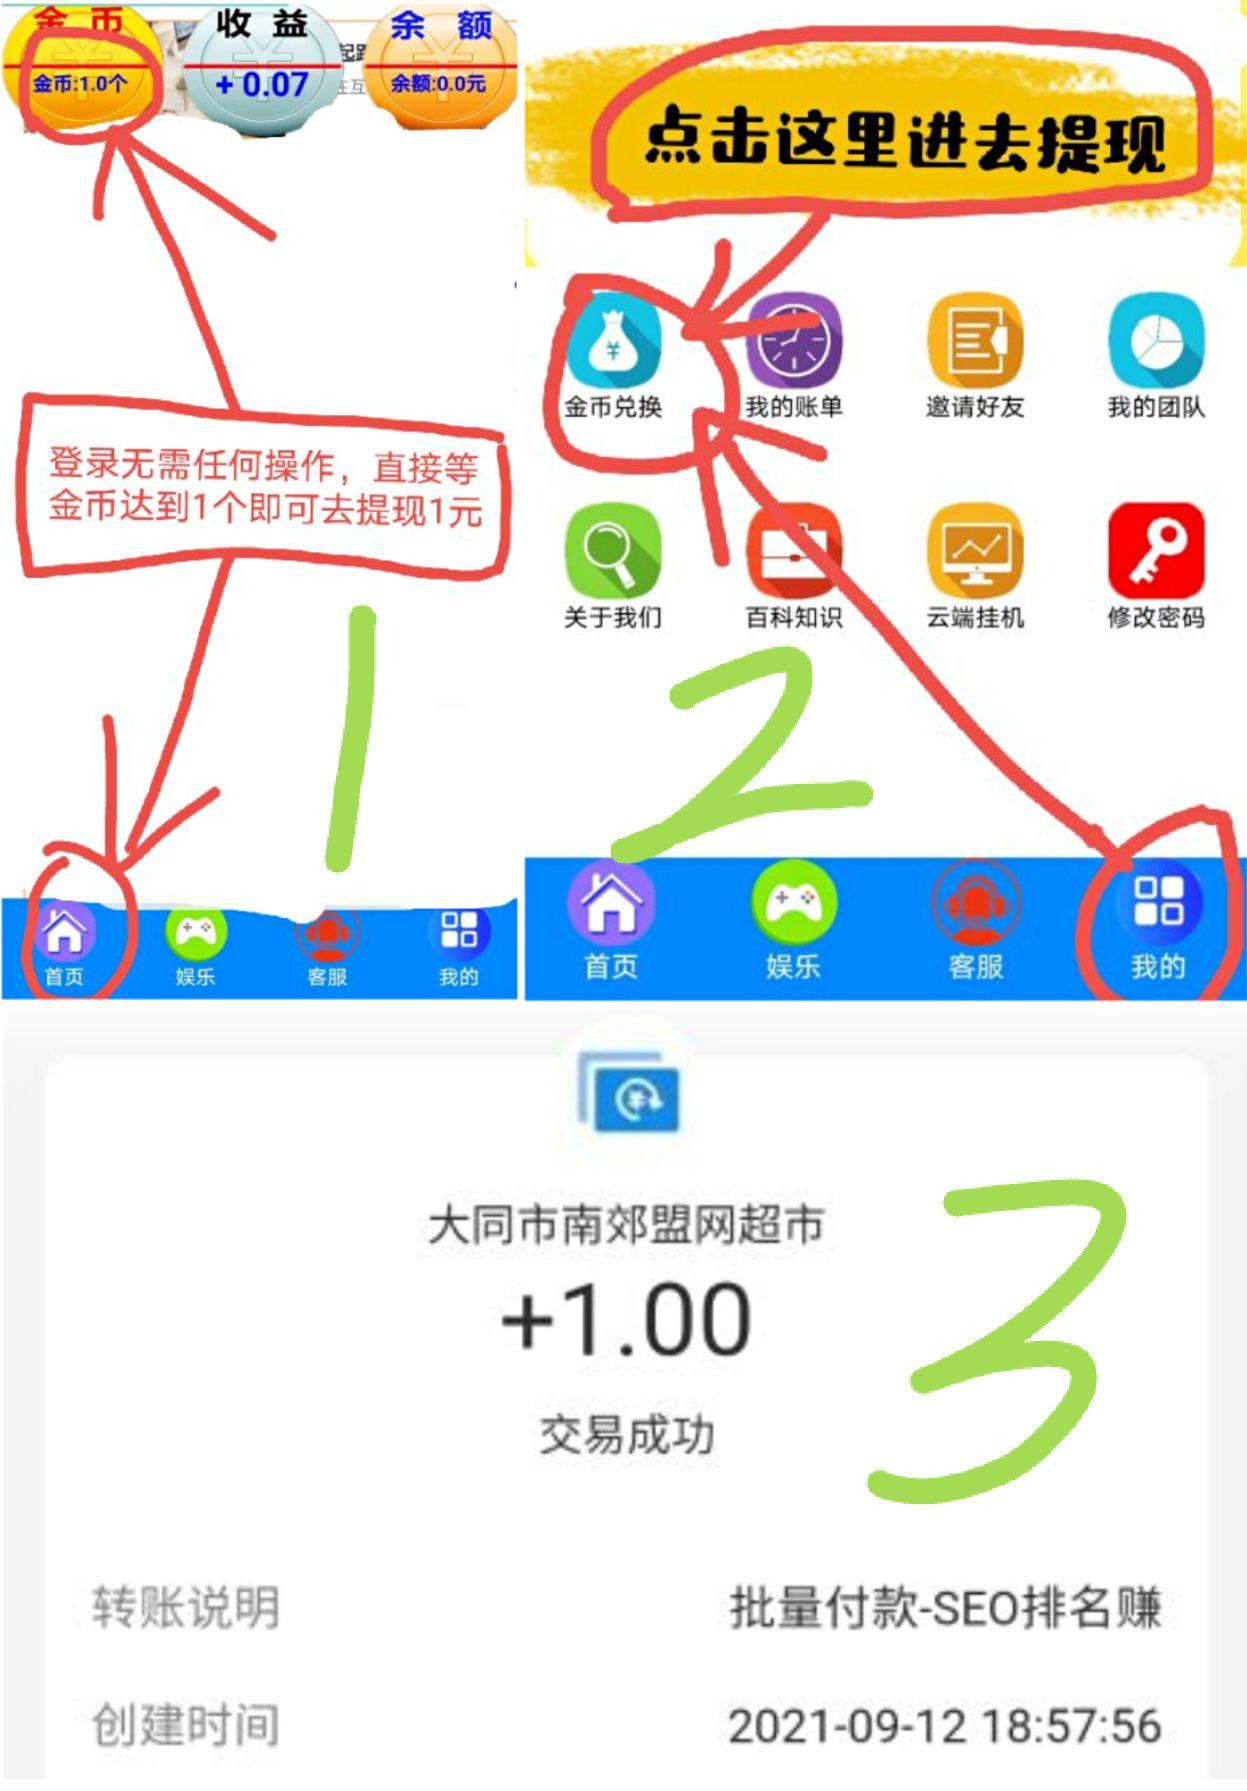 图片[1]-seo排名赚每日低保一元记住不要充值-首码社